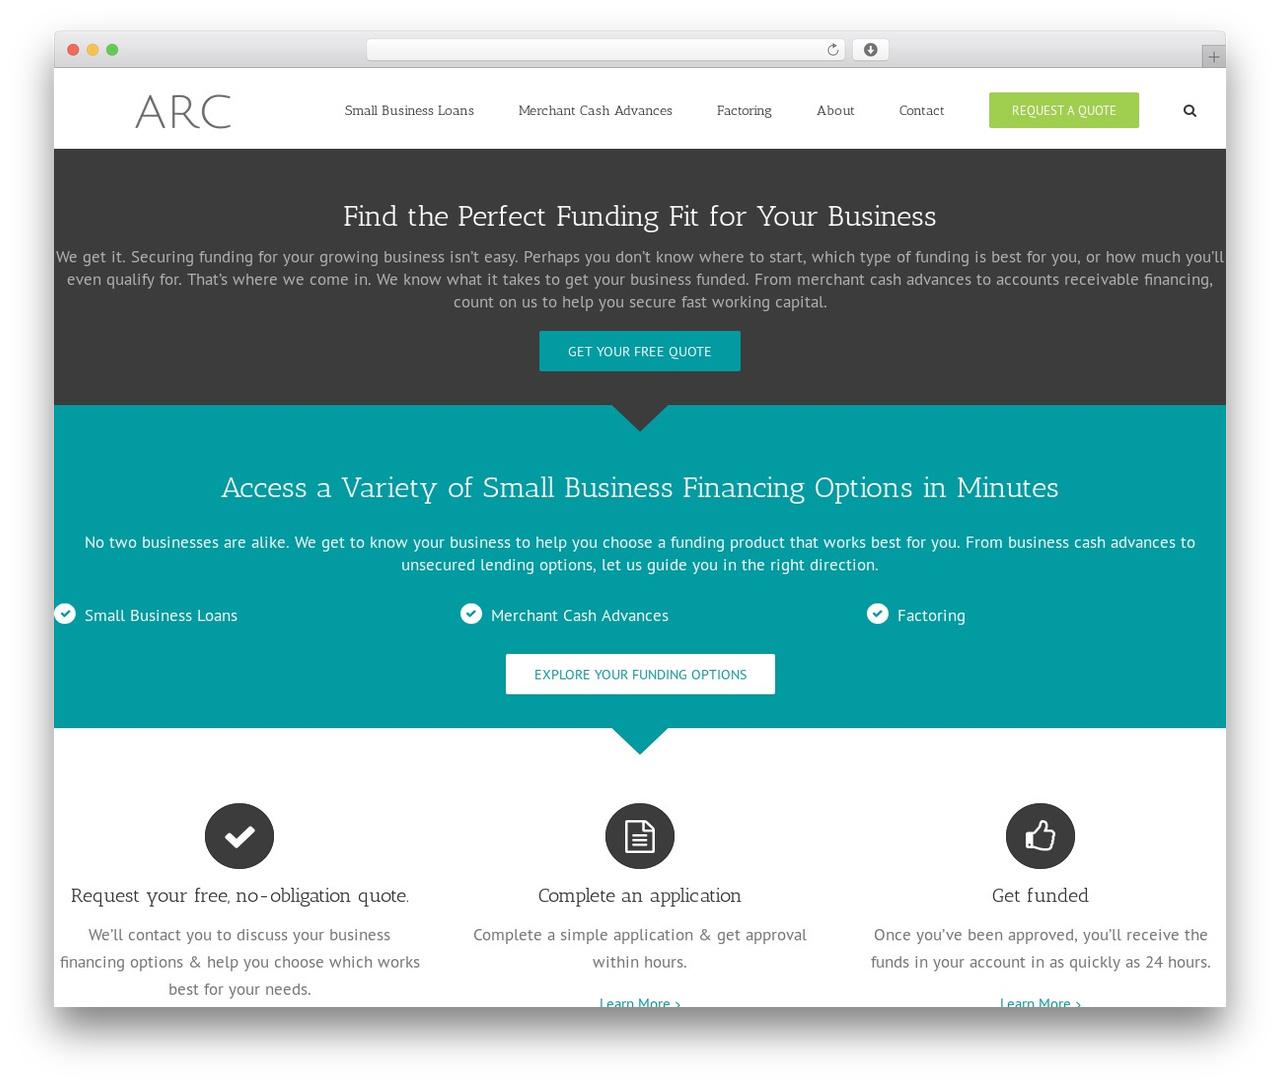 Avada WordPress template for business - accountsreceivablecash.com